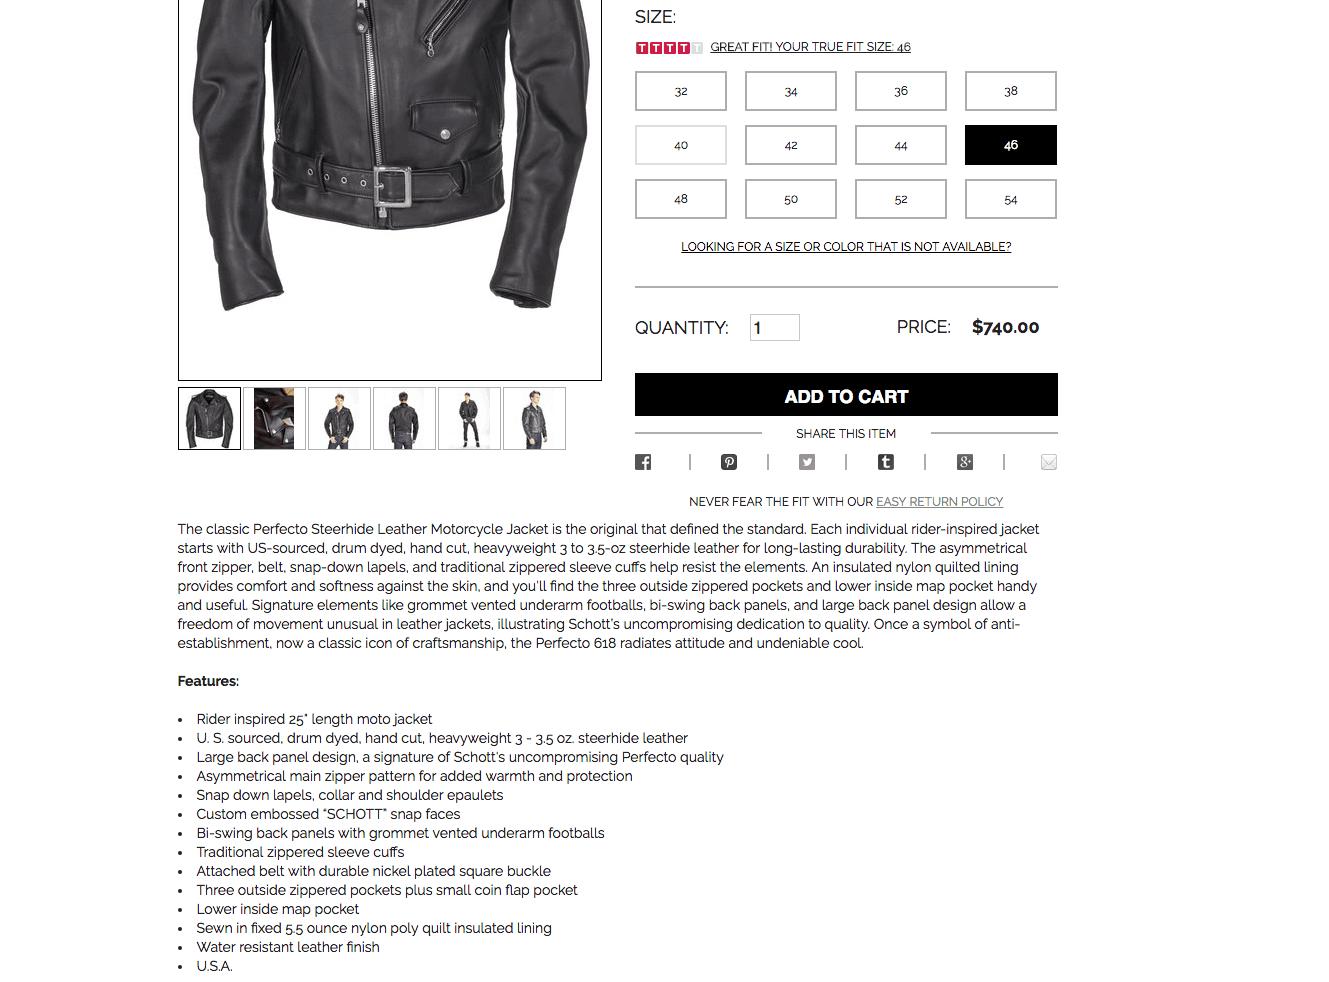 Descrição de jaqueta de couro em um e-commerce